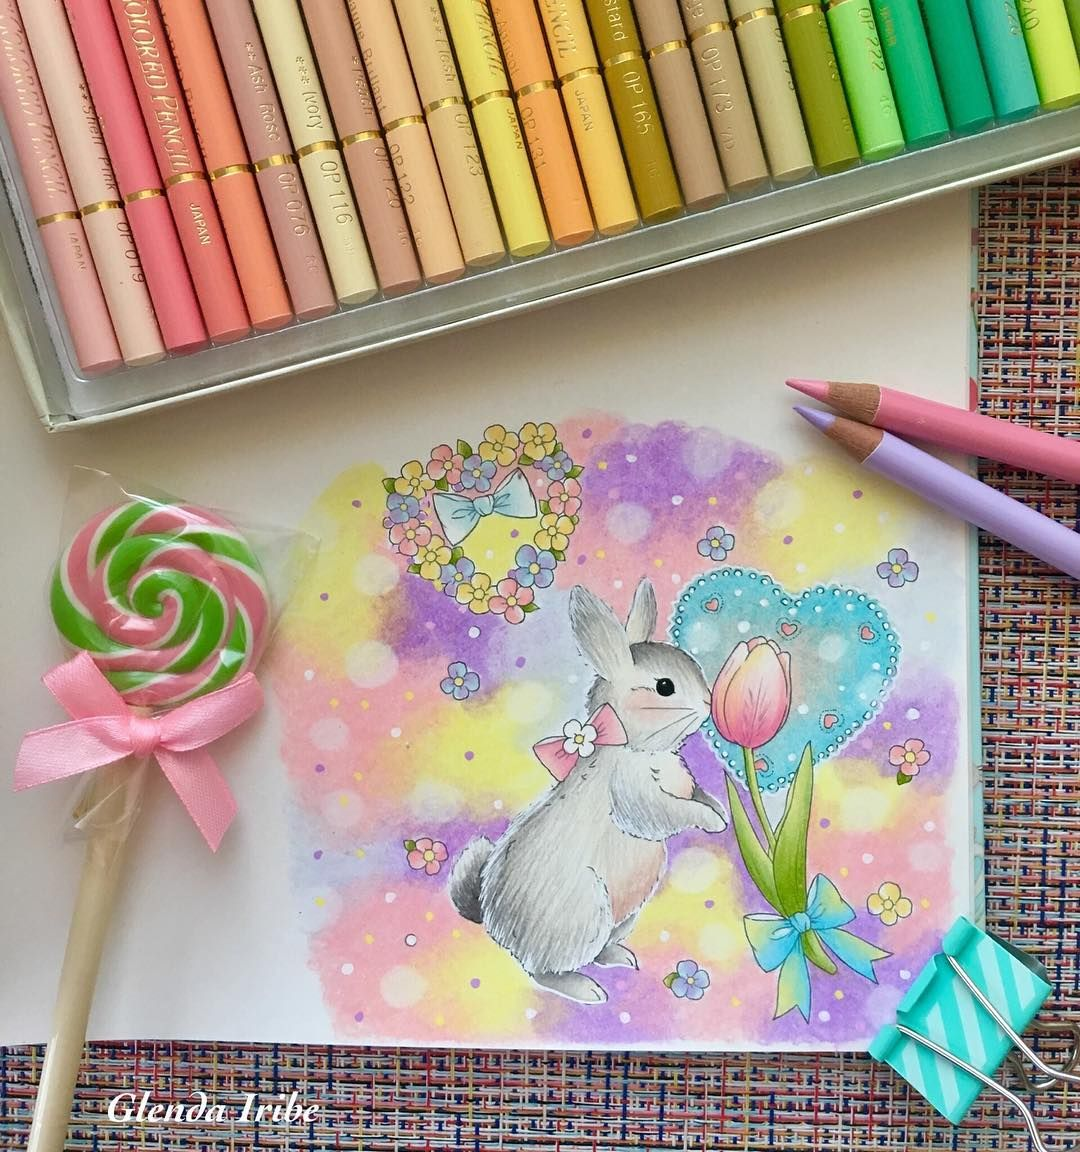 Colors Make You Happy De Miki Takei Vol 2 Faber Castell Polychromos Prismacolor Premier Holbein Pas Coloring Book Art Color Pencil Art Coloring Books